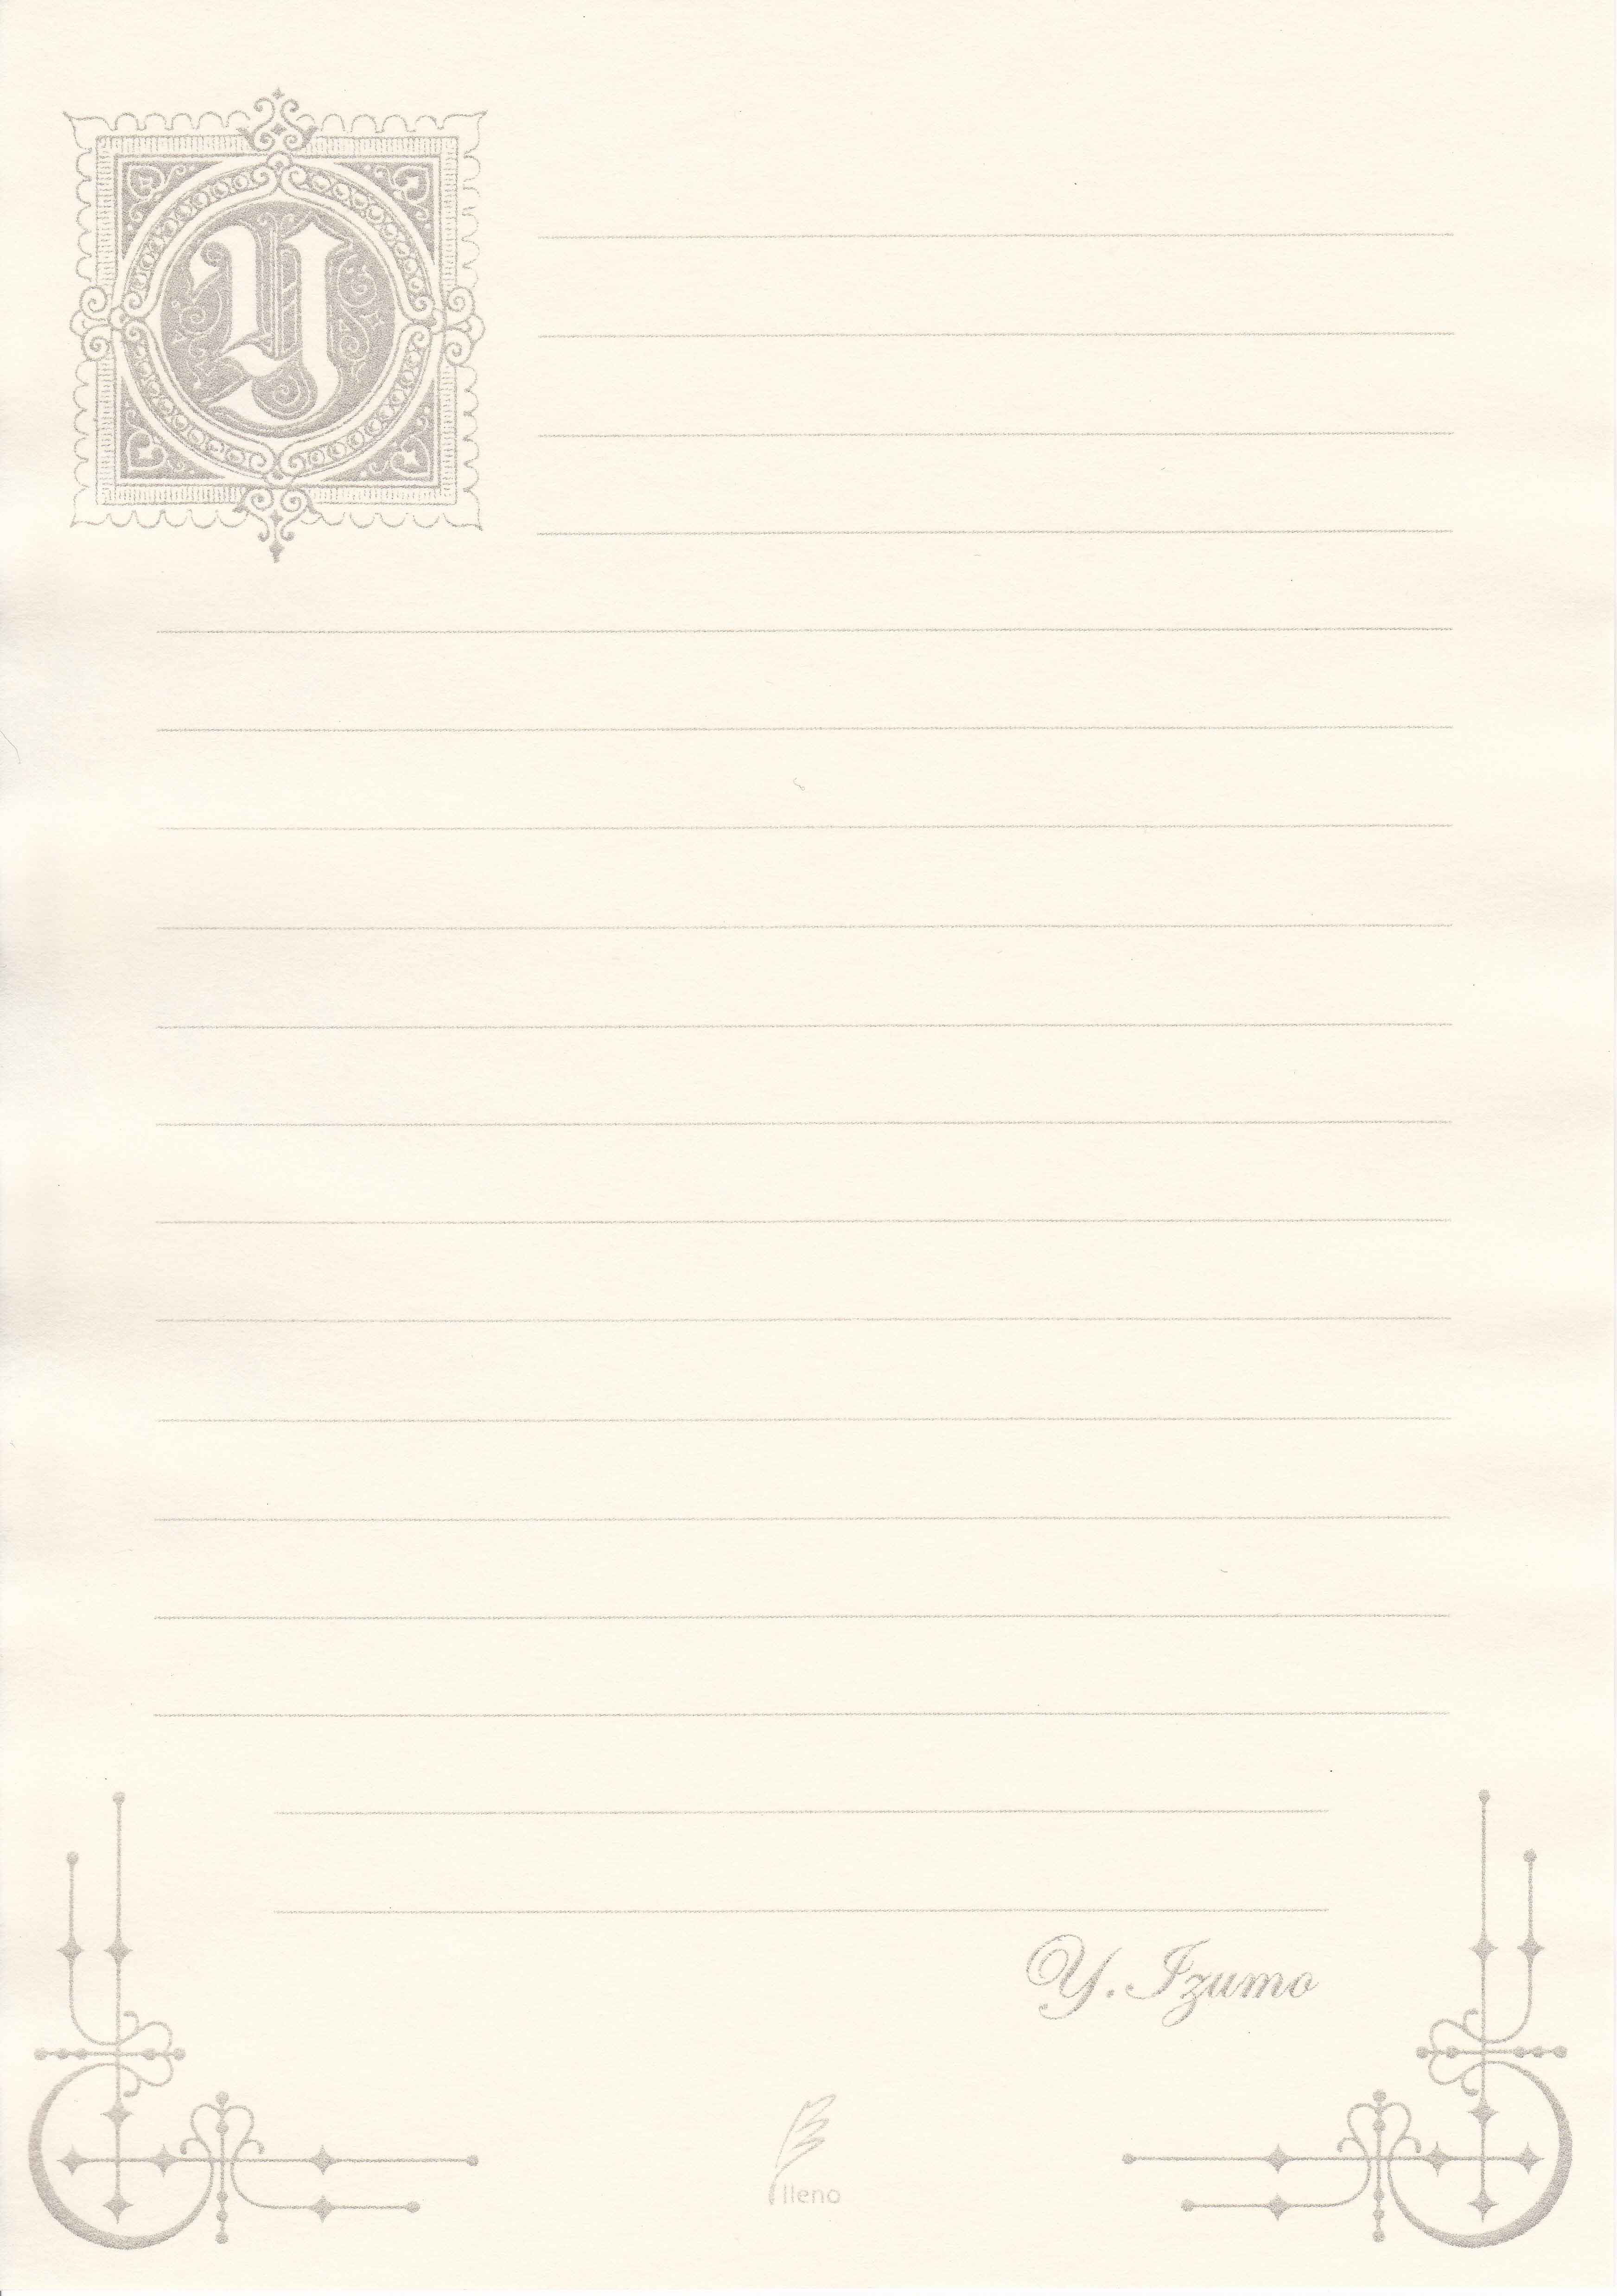 オリジナル便箋 | Notebookers.jp